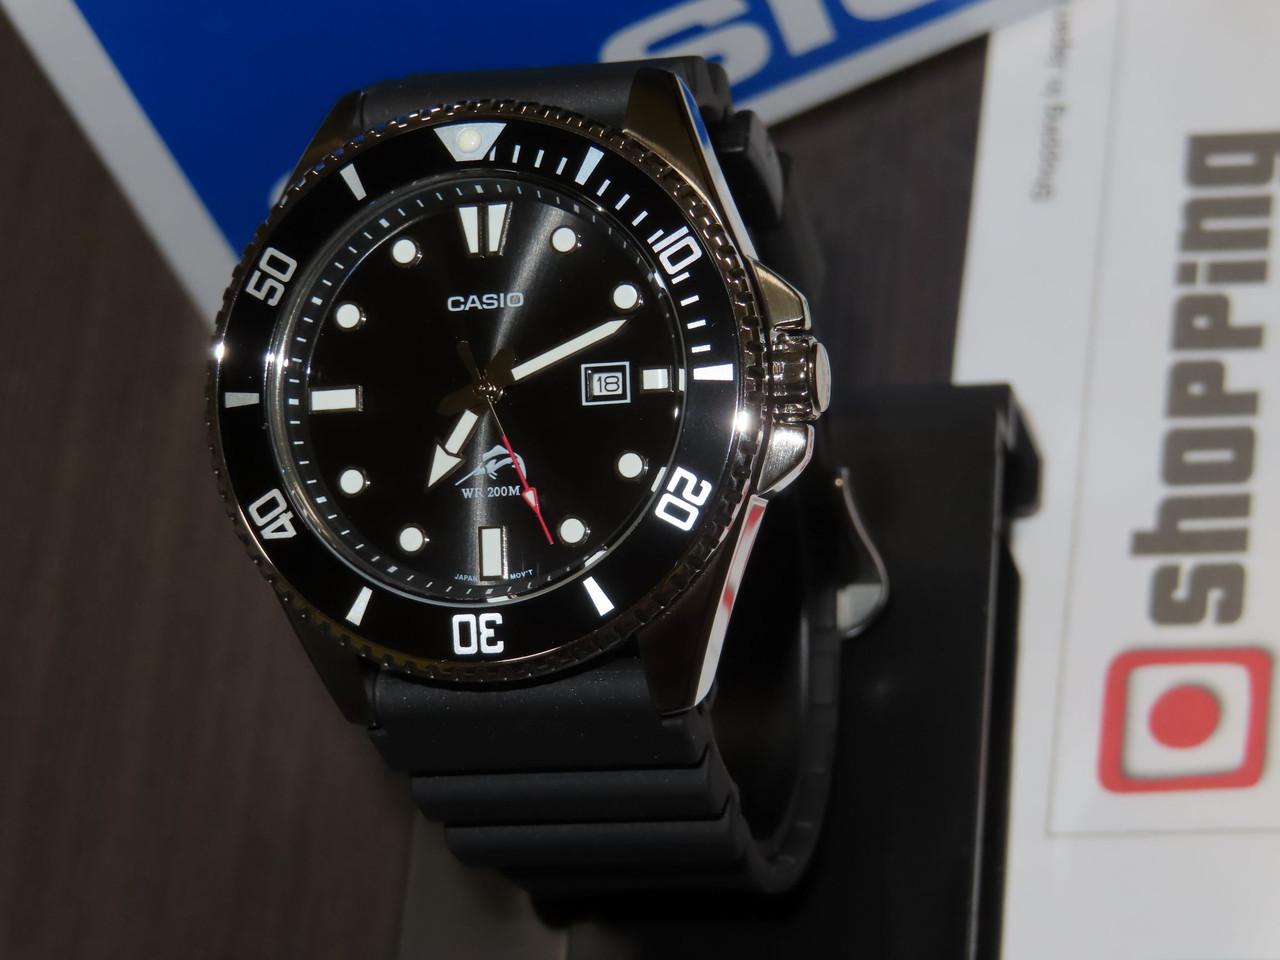 Casio Bill Gates MDV106-1AV Divers Watch 200m